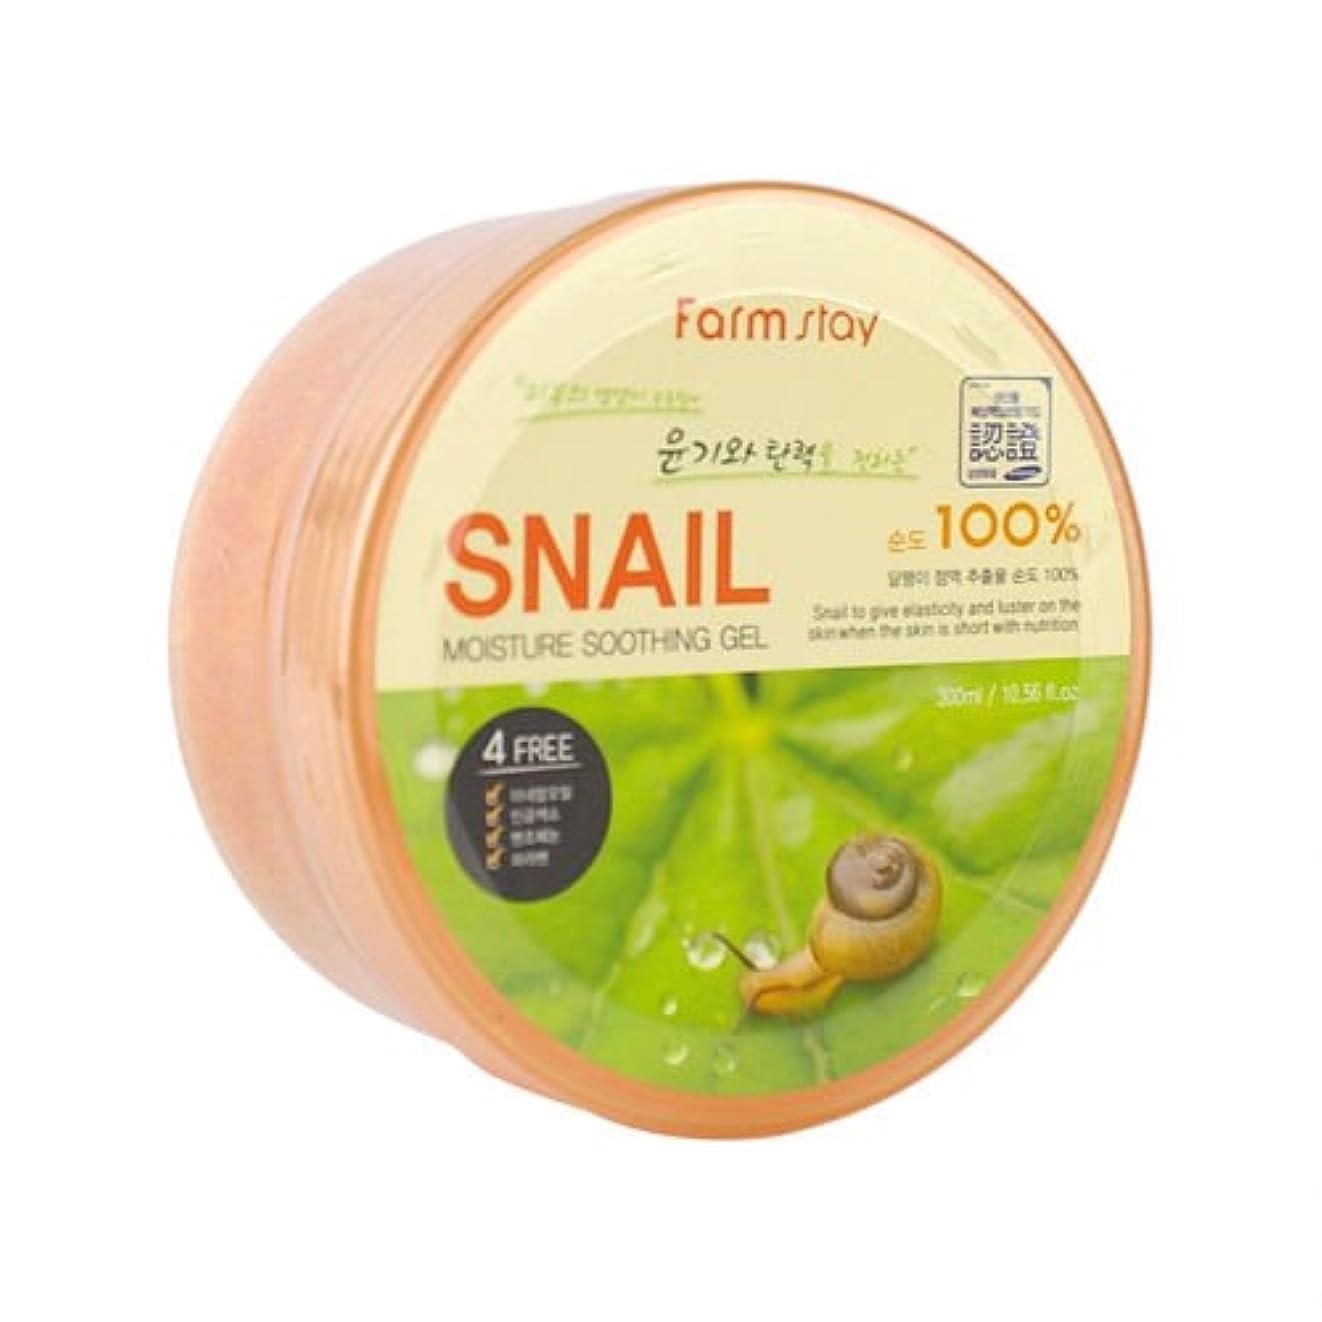 配る宿命マングルFarm Stay Snail Moisture Soothing Gel 300ml /Snail extract 100%/Skin Glowing & Elasticity Up [並行輸入品]